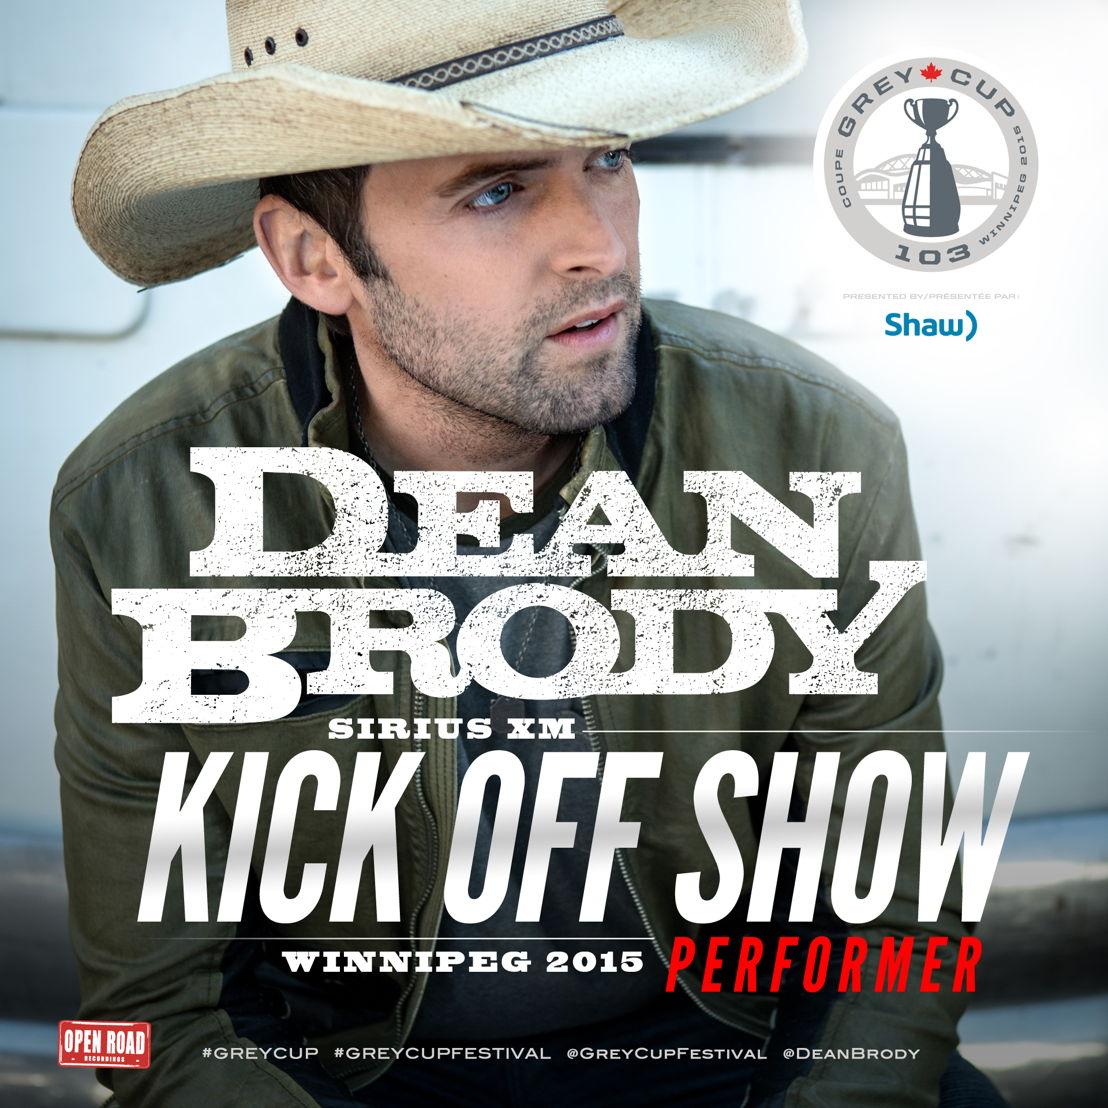 Dean Brody foulera la scène dans le cadre du spectacle d'avant-match SiriusXM.